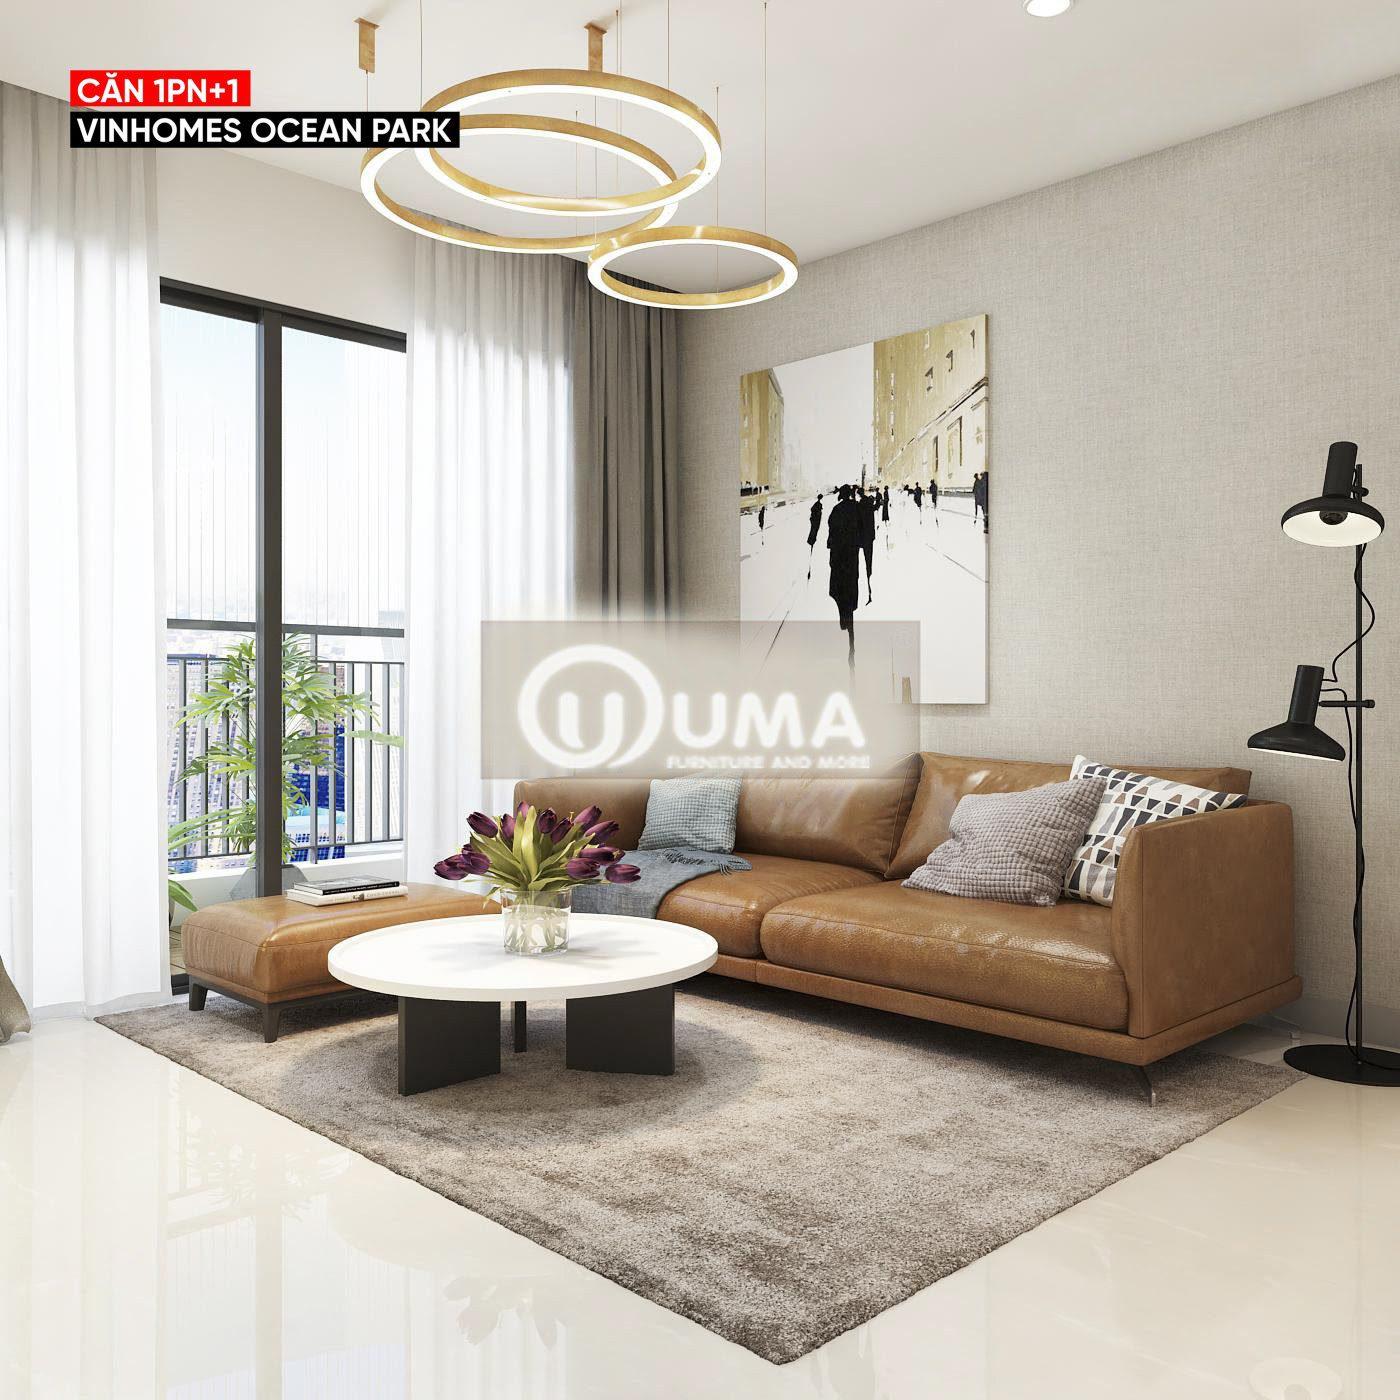 Không gian phòng khách sử dụng chiếc thảm màu nâu nhẹ nhàng làm điểm nhấn.